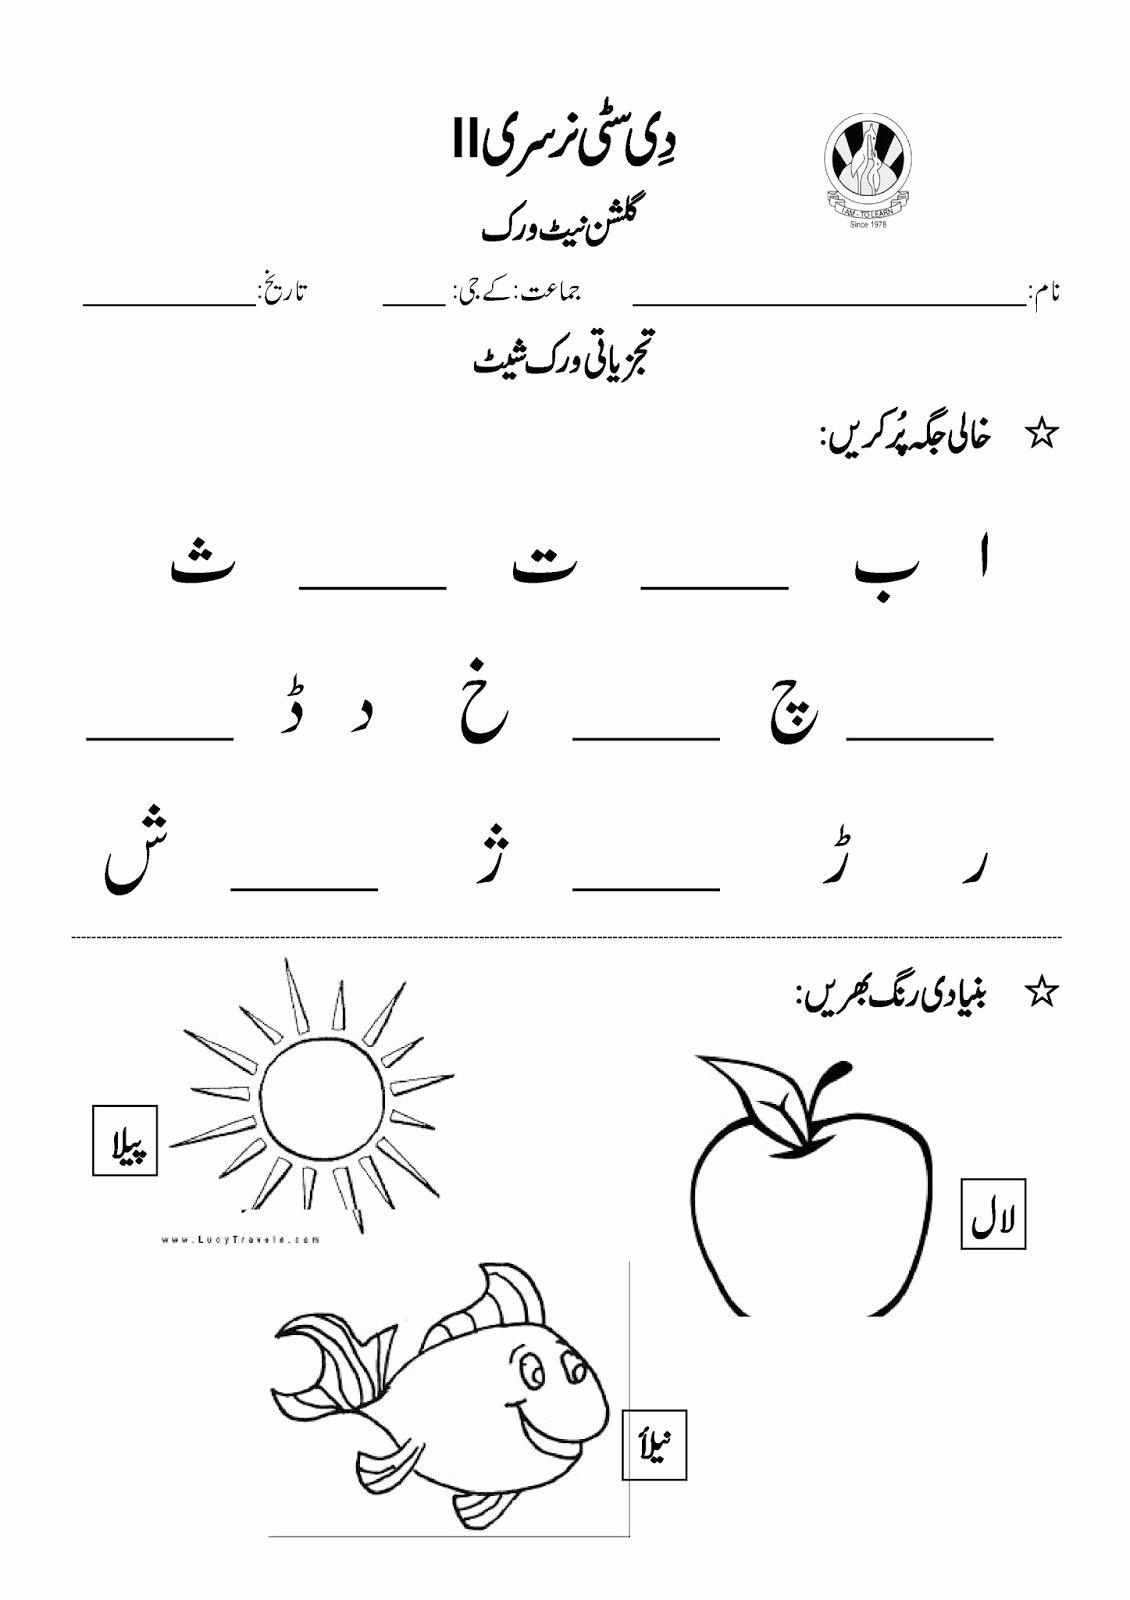 Urdu Worksheets for Preschoolers Best Of 3 Alphabet Worksheets Urdu Worksheets Schools